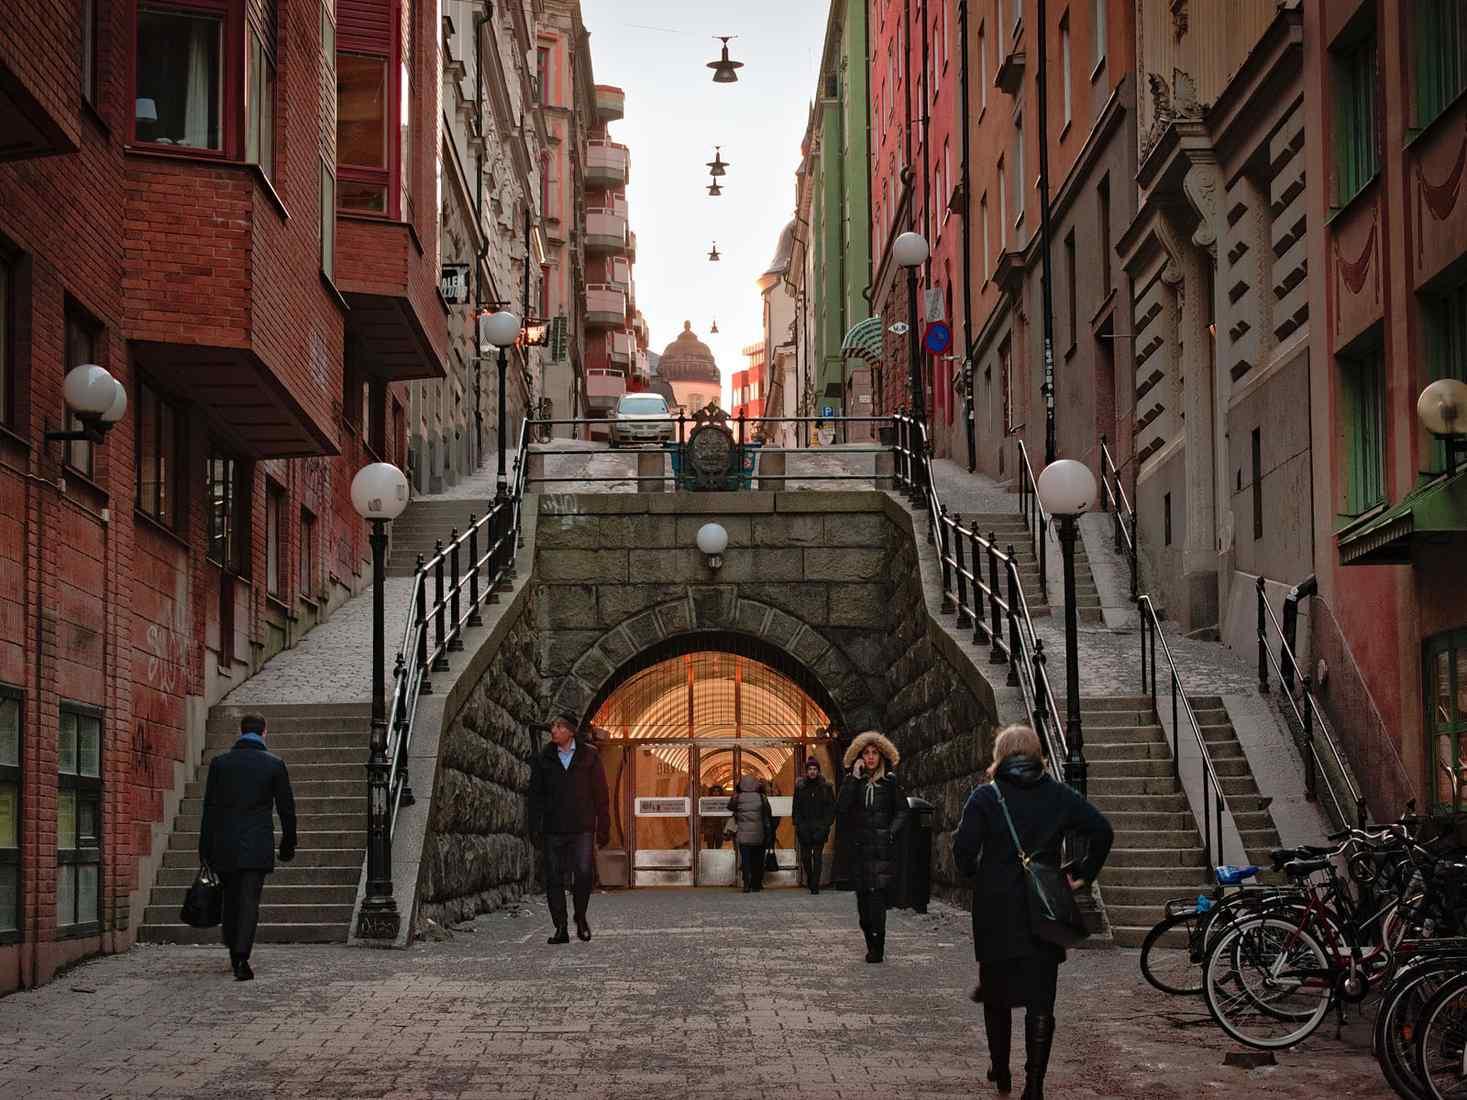 City centre in Stockholm, Sweden